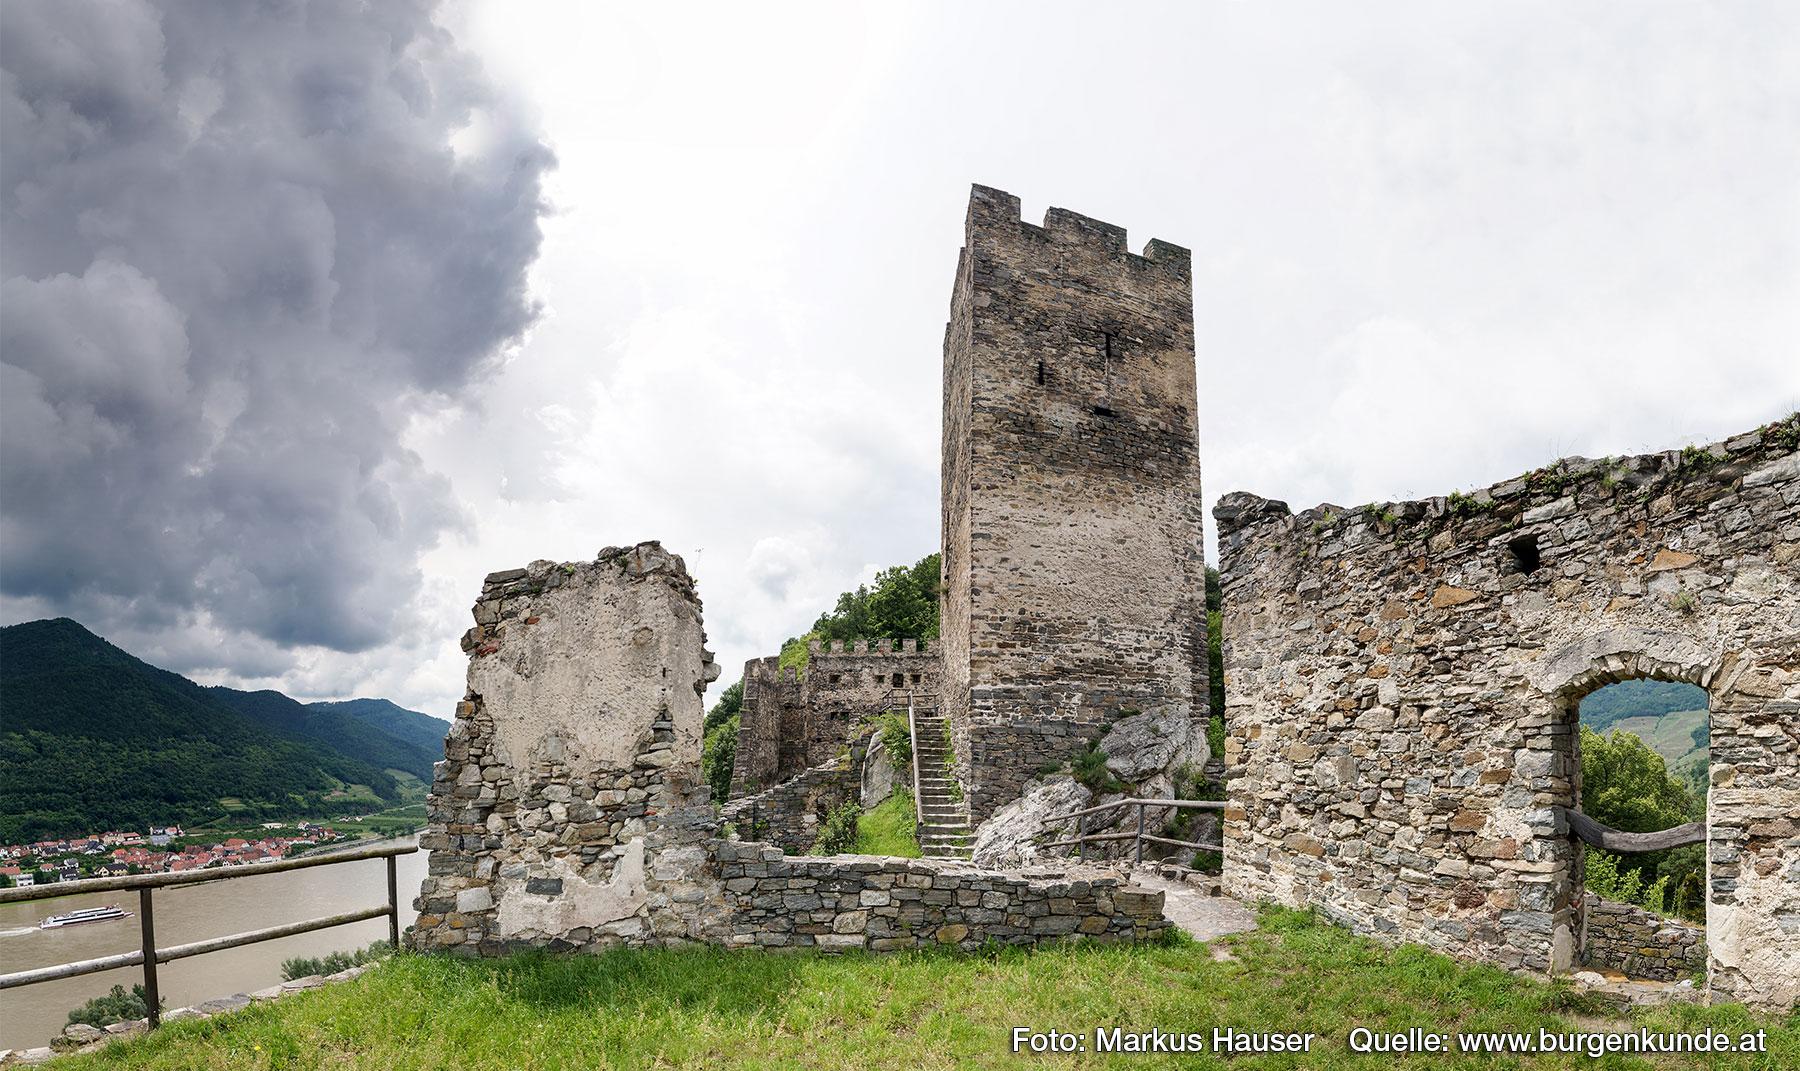 Blick zum Bergfried.